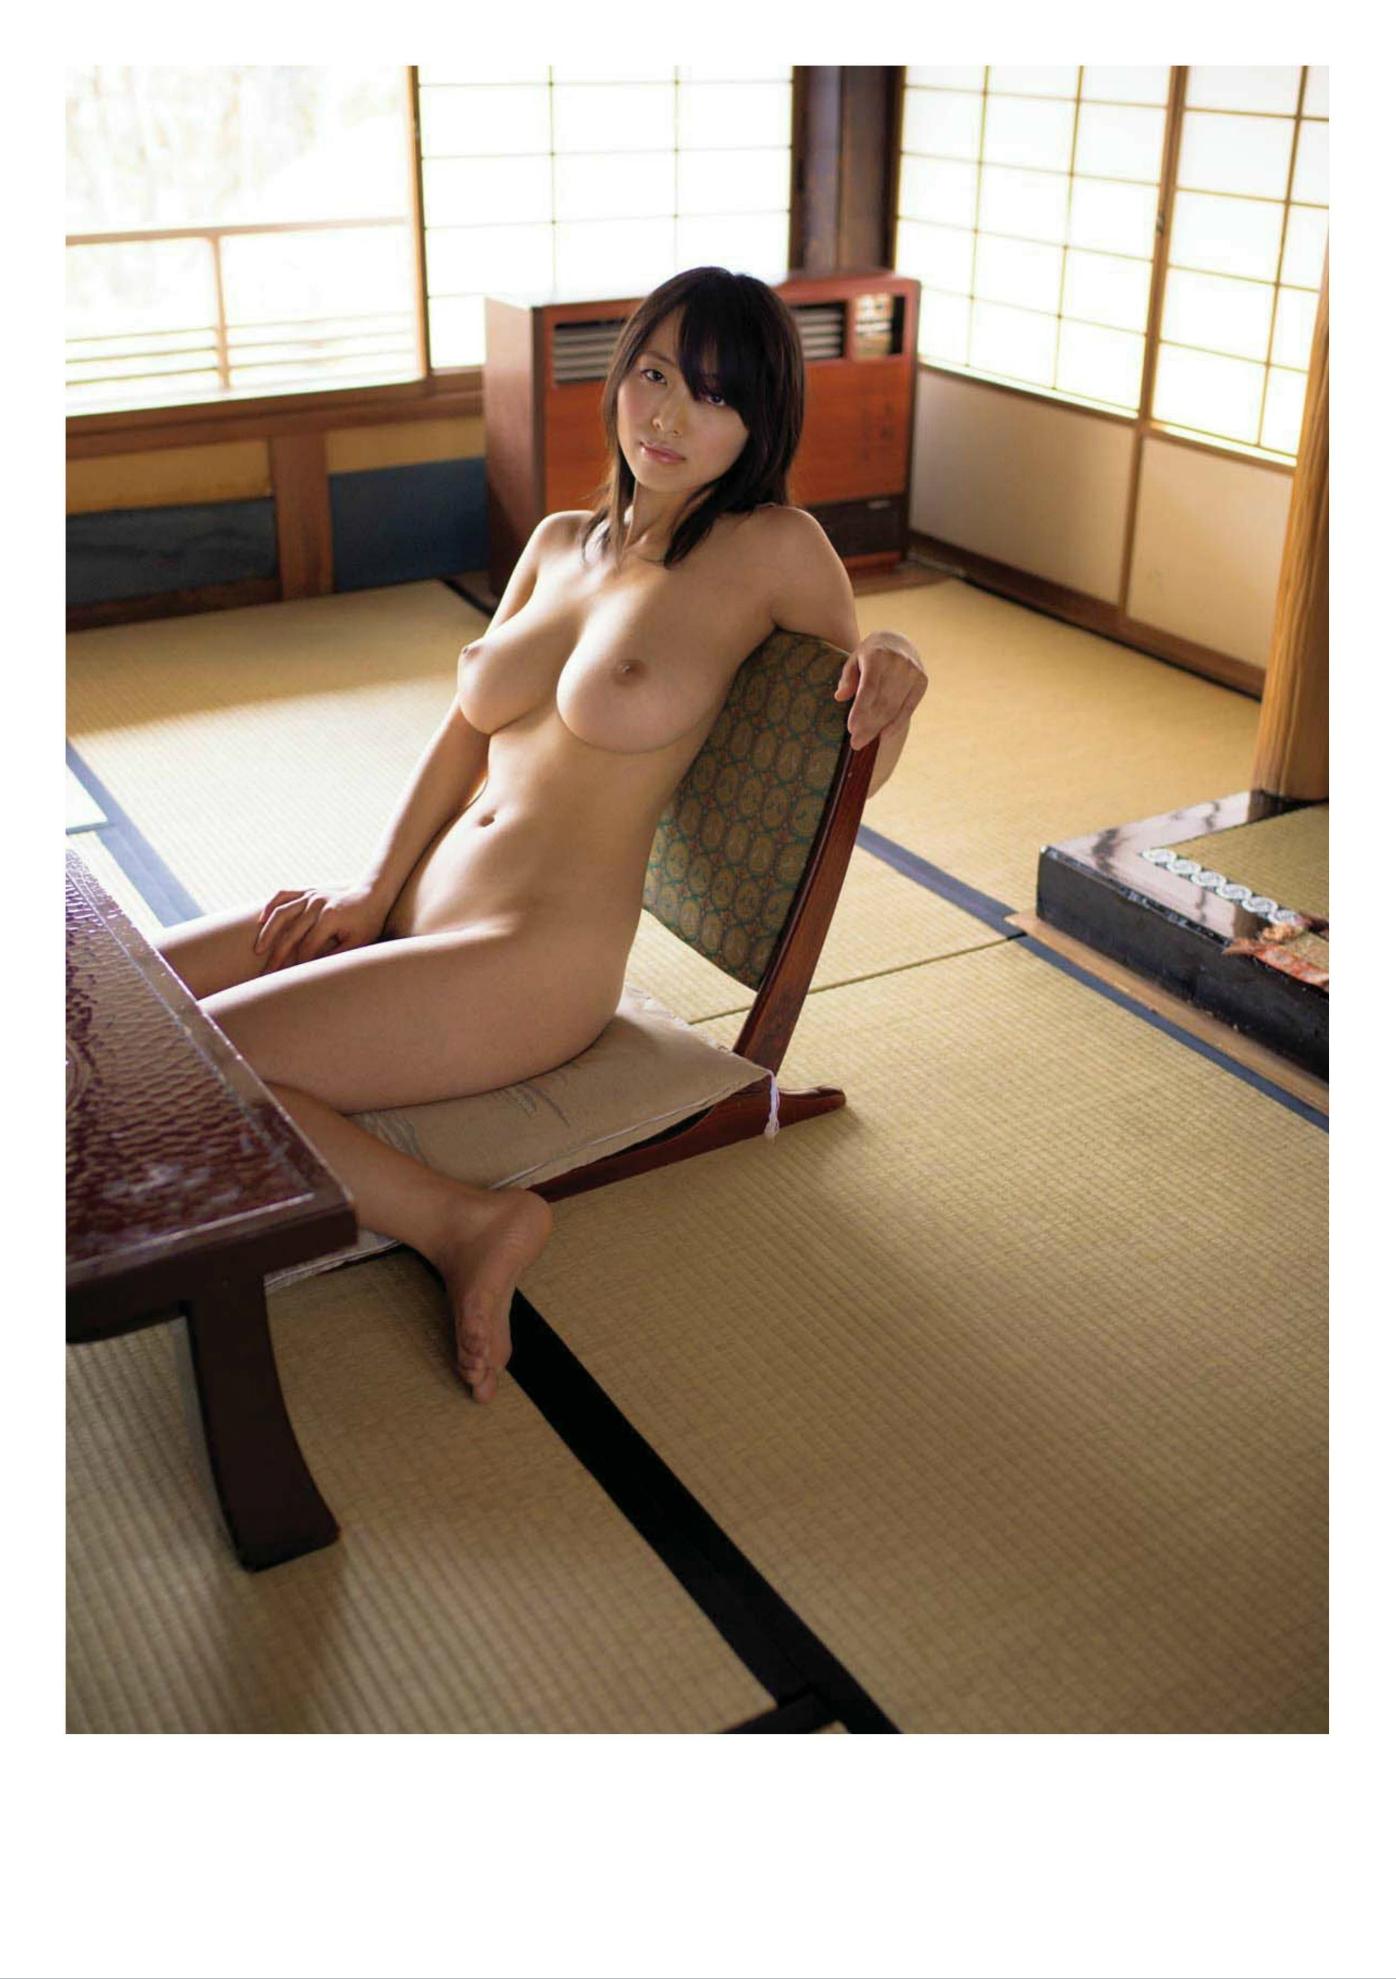 image http://scanlover.com/assets/images/2952-ysTIMlIoDYrUA2lb.jpeg